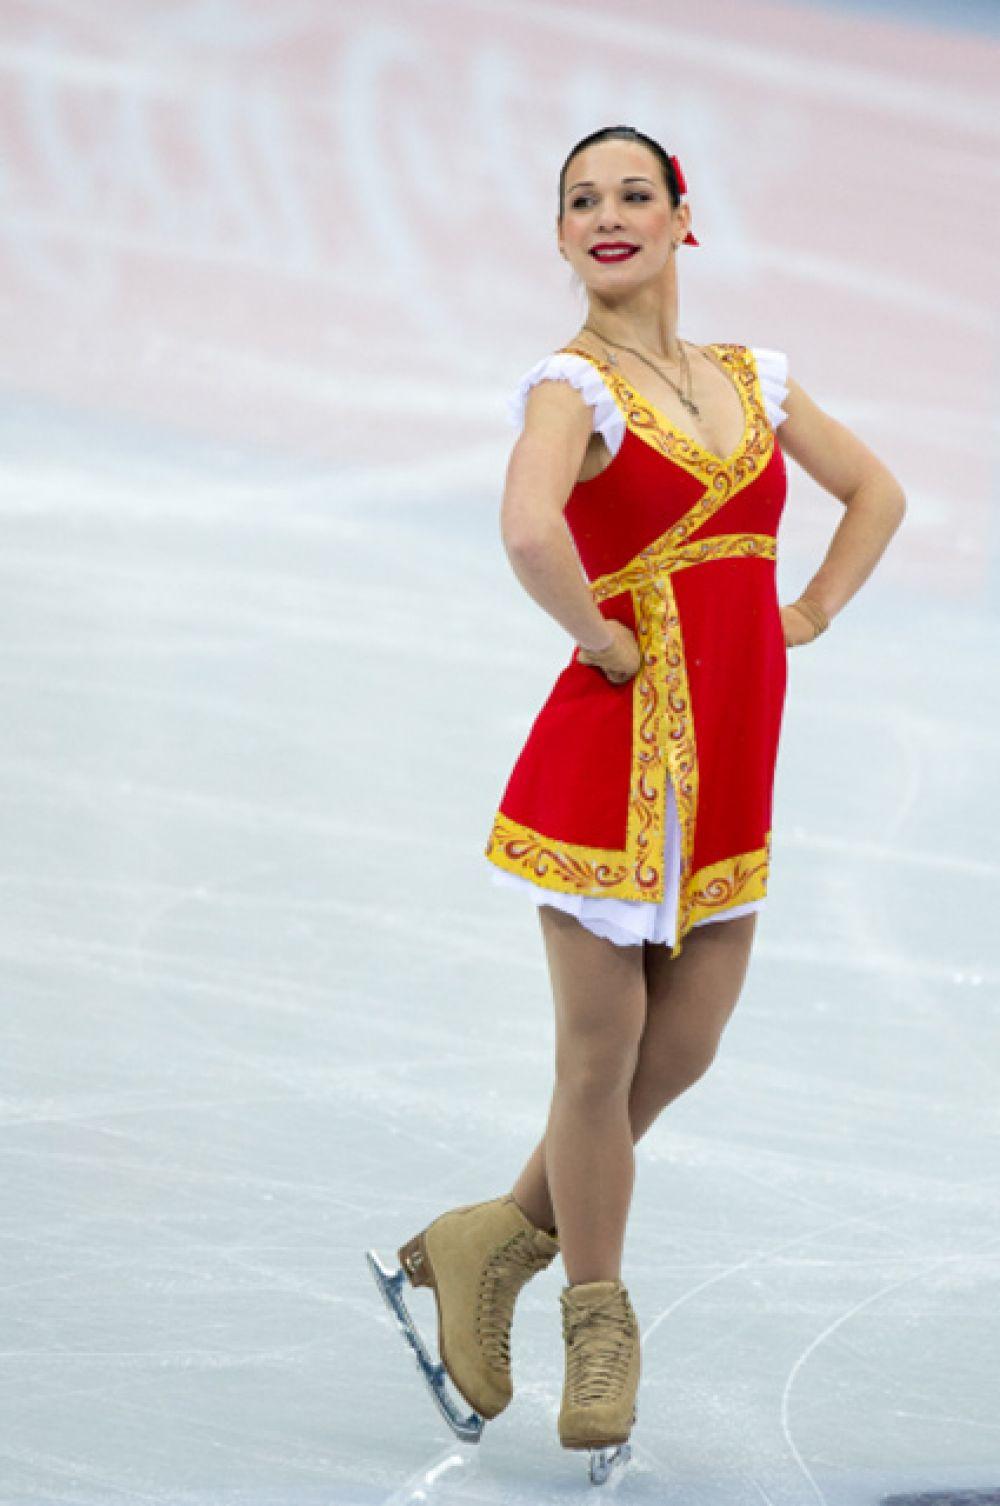 5-е место, Алена Леонова, 23 года, бронзовый призер чемпионата России сезона 2011/12, третье место в финале мирового Гран-при 2011/12, серебряный призер чемпионата мира 2011/12, серебряный призер чемпионатов Росси 2010/11 и 2009/10.